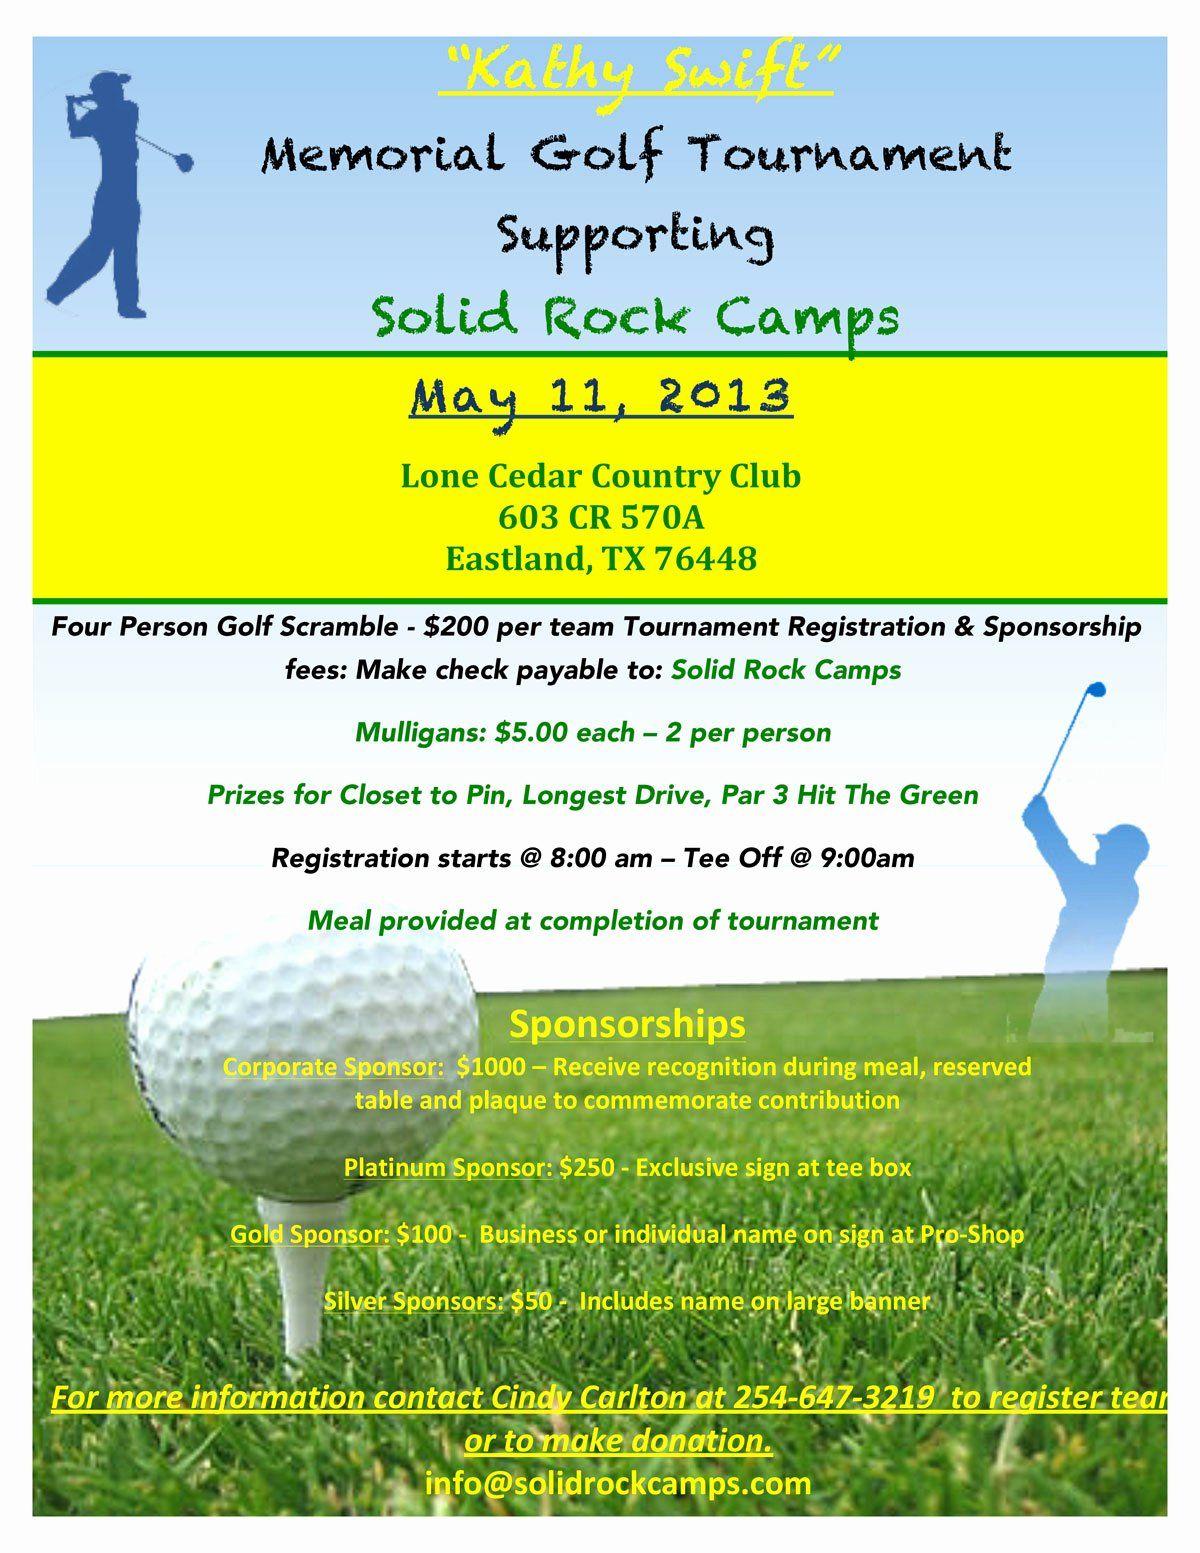 Golf Scramble Flyer Template New Golf Tournament Brochure Template Fresh Flyer Gol Golf Flyer Flyer Template Golf Outing